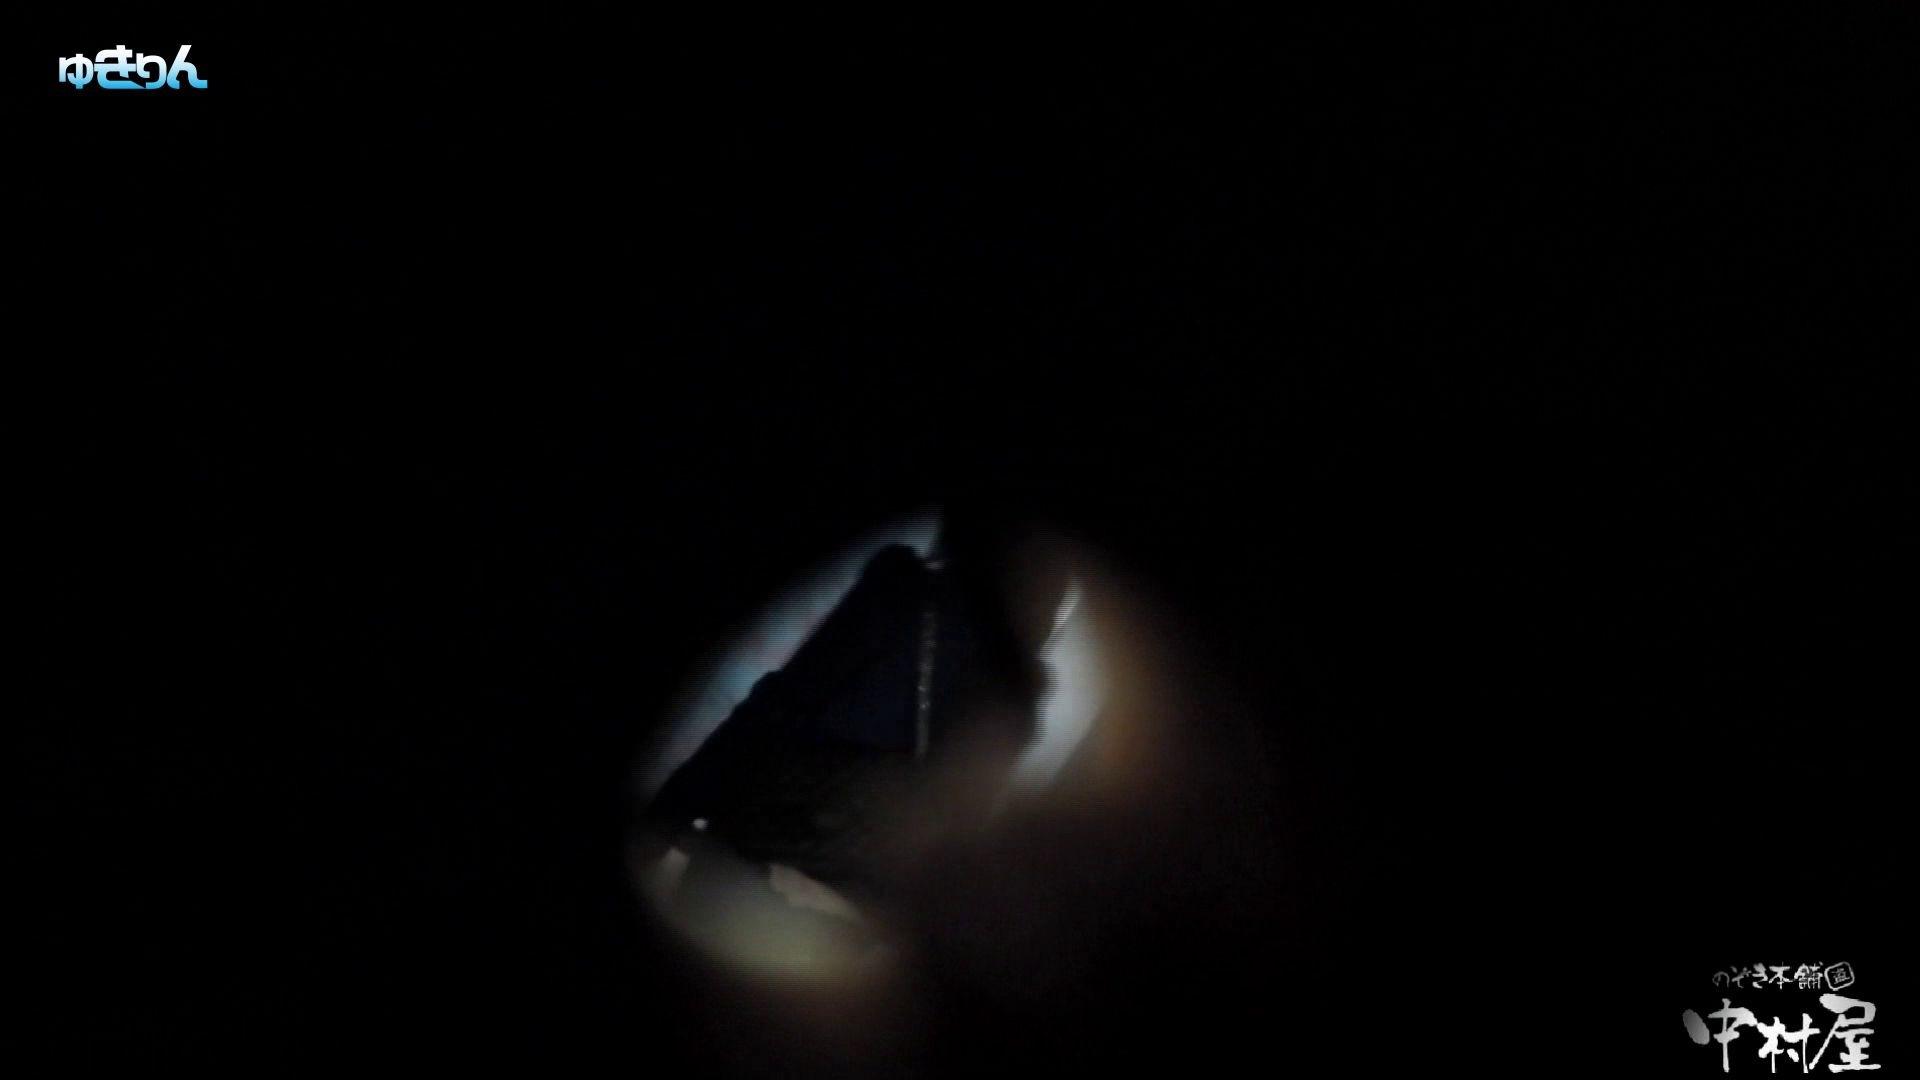 世界の射窓から~ステーション編~ vol56 すごいM字開脚してくれます。前編 OLハメ撮り  97Pix 78